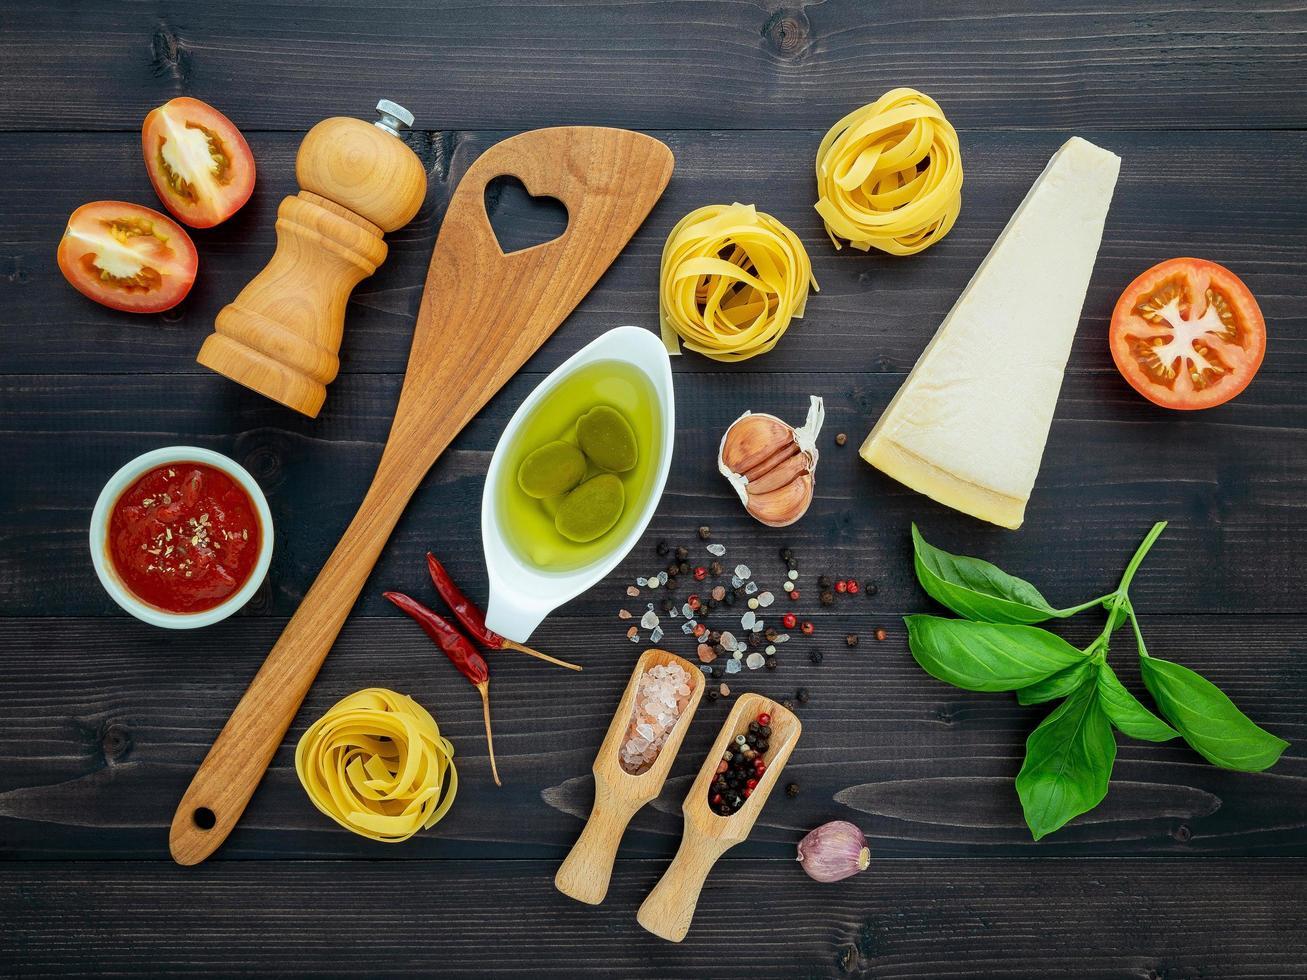 ingredientes de pasta fresca foto